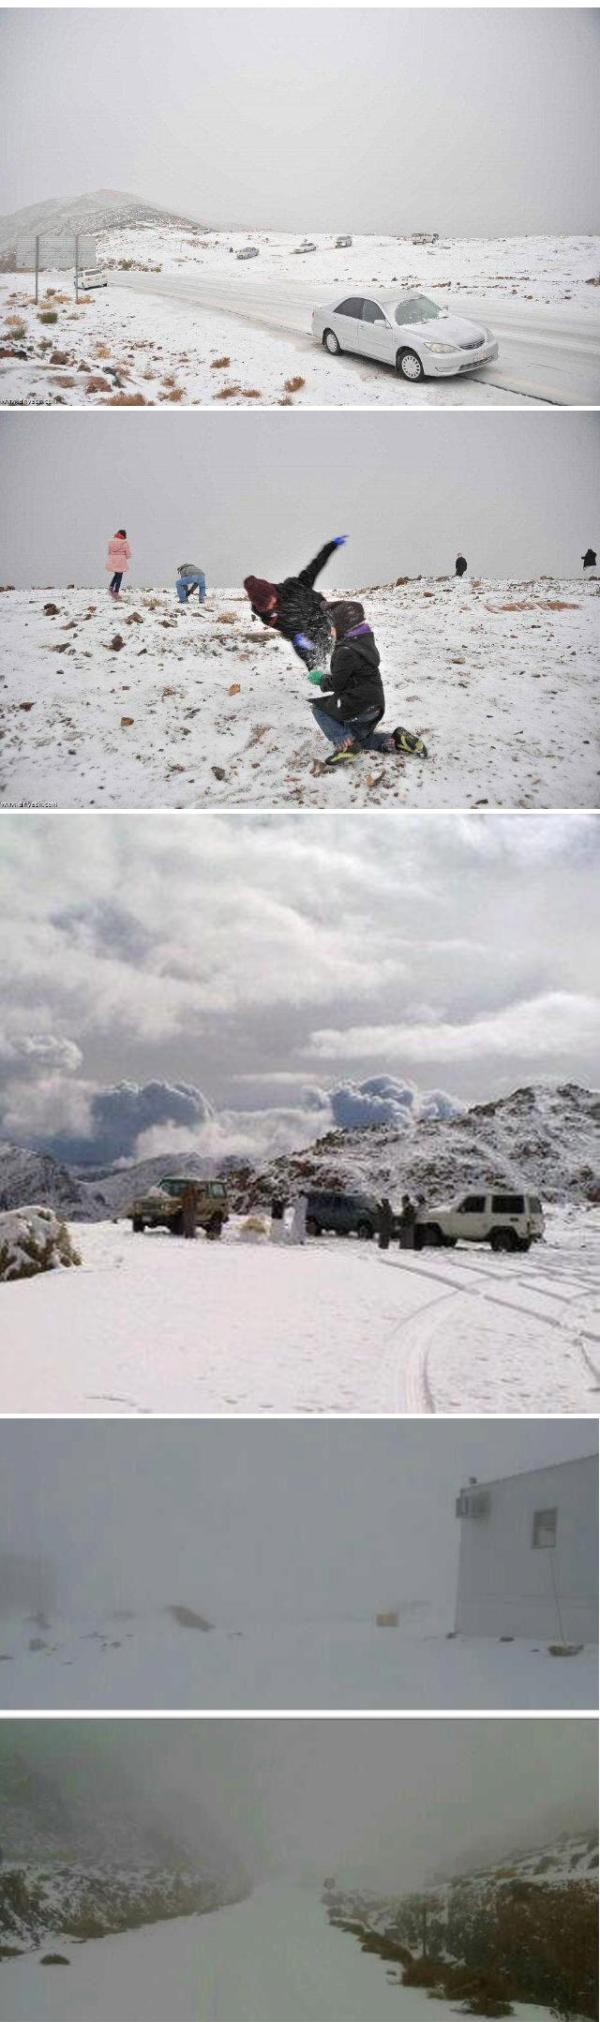 صور الثلوج في تبوك 173f6a34-0552-4d52-8703-90c5b5d37e6e